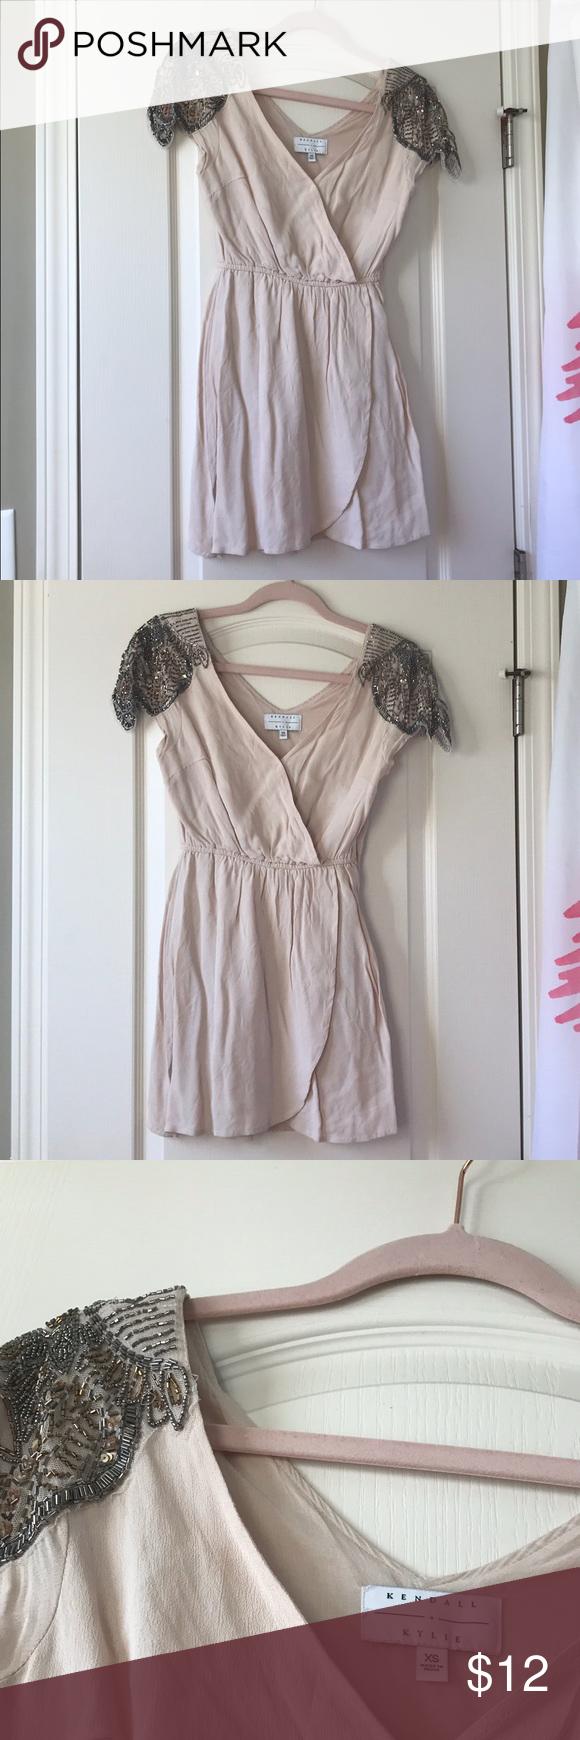 Hellrosa Minikleid Hellrosa Minikleid von Kendal + Kylie Großartig für Sch …   – My Posh Closet